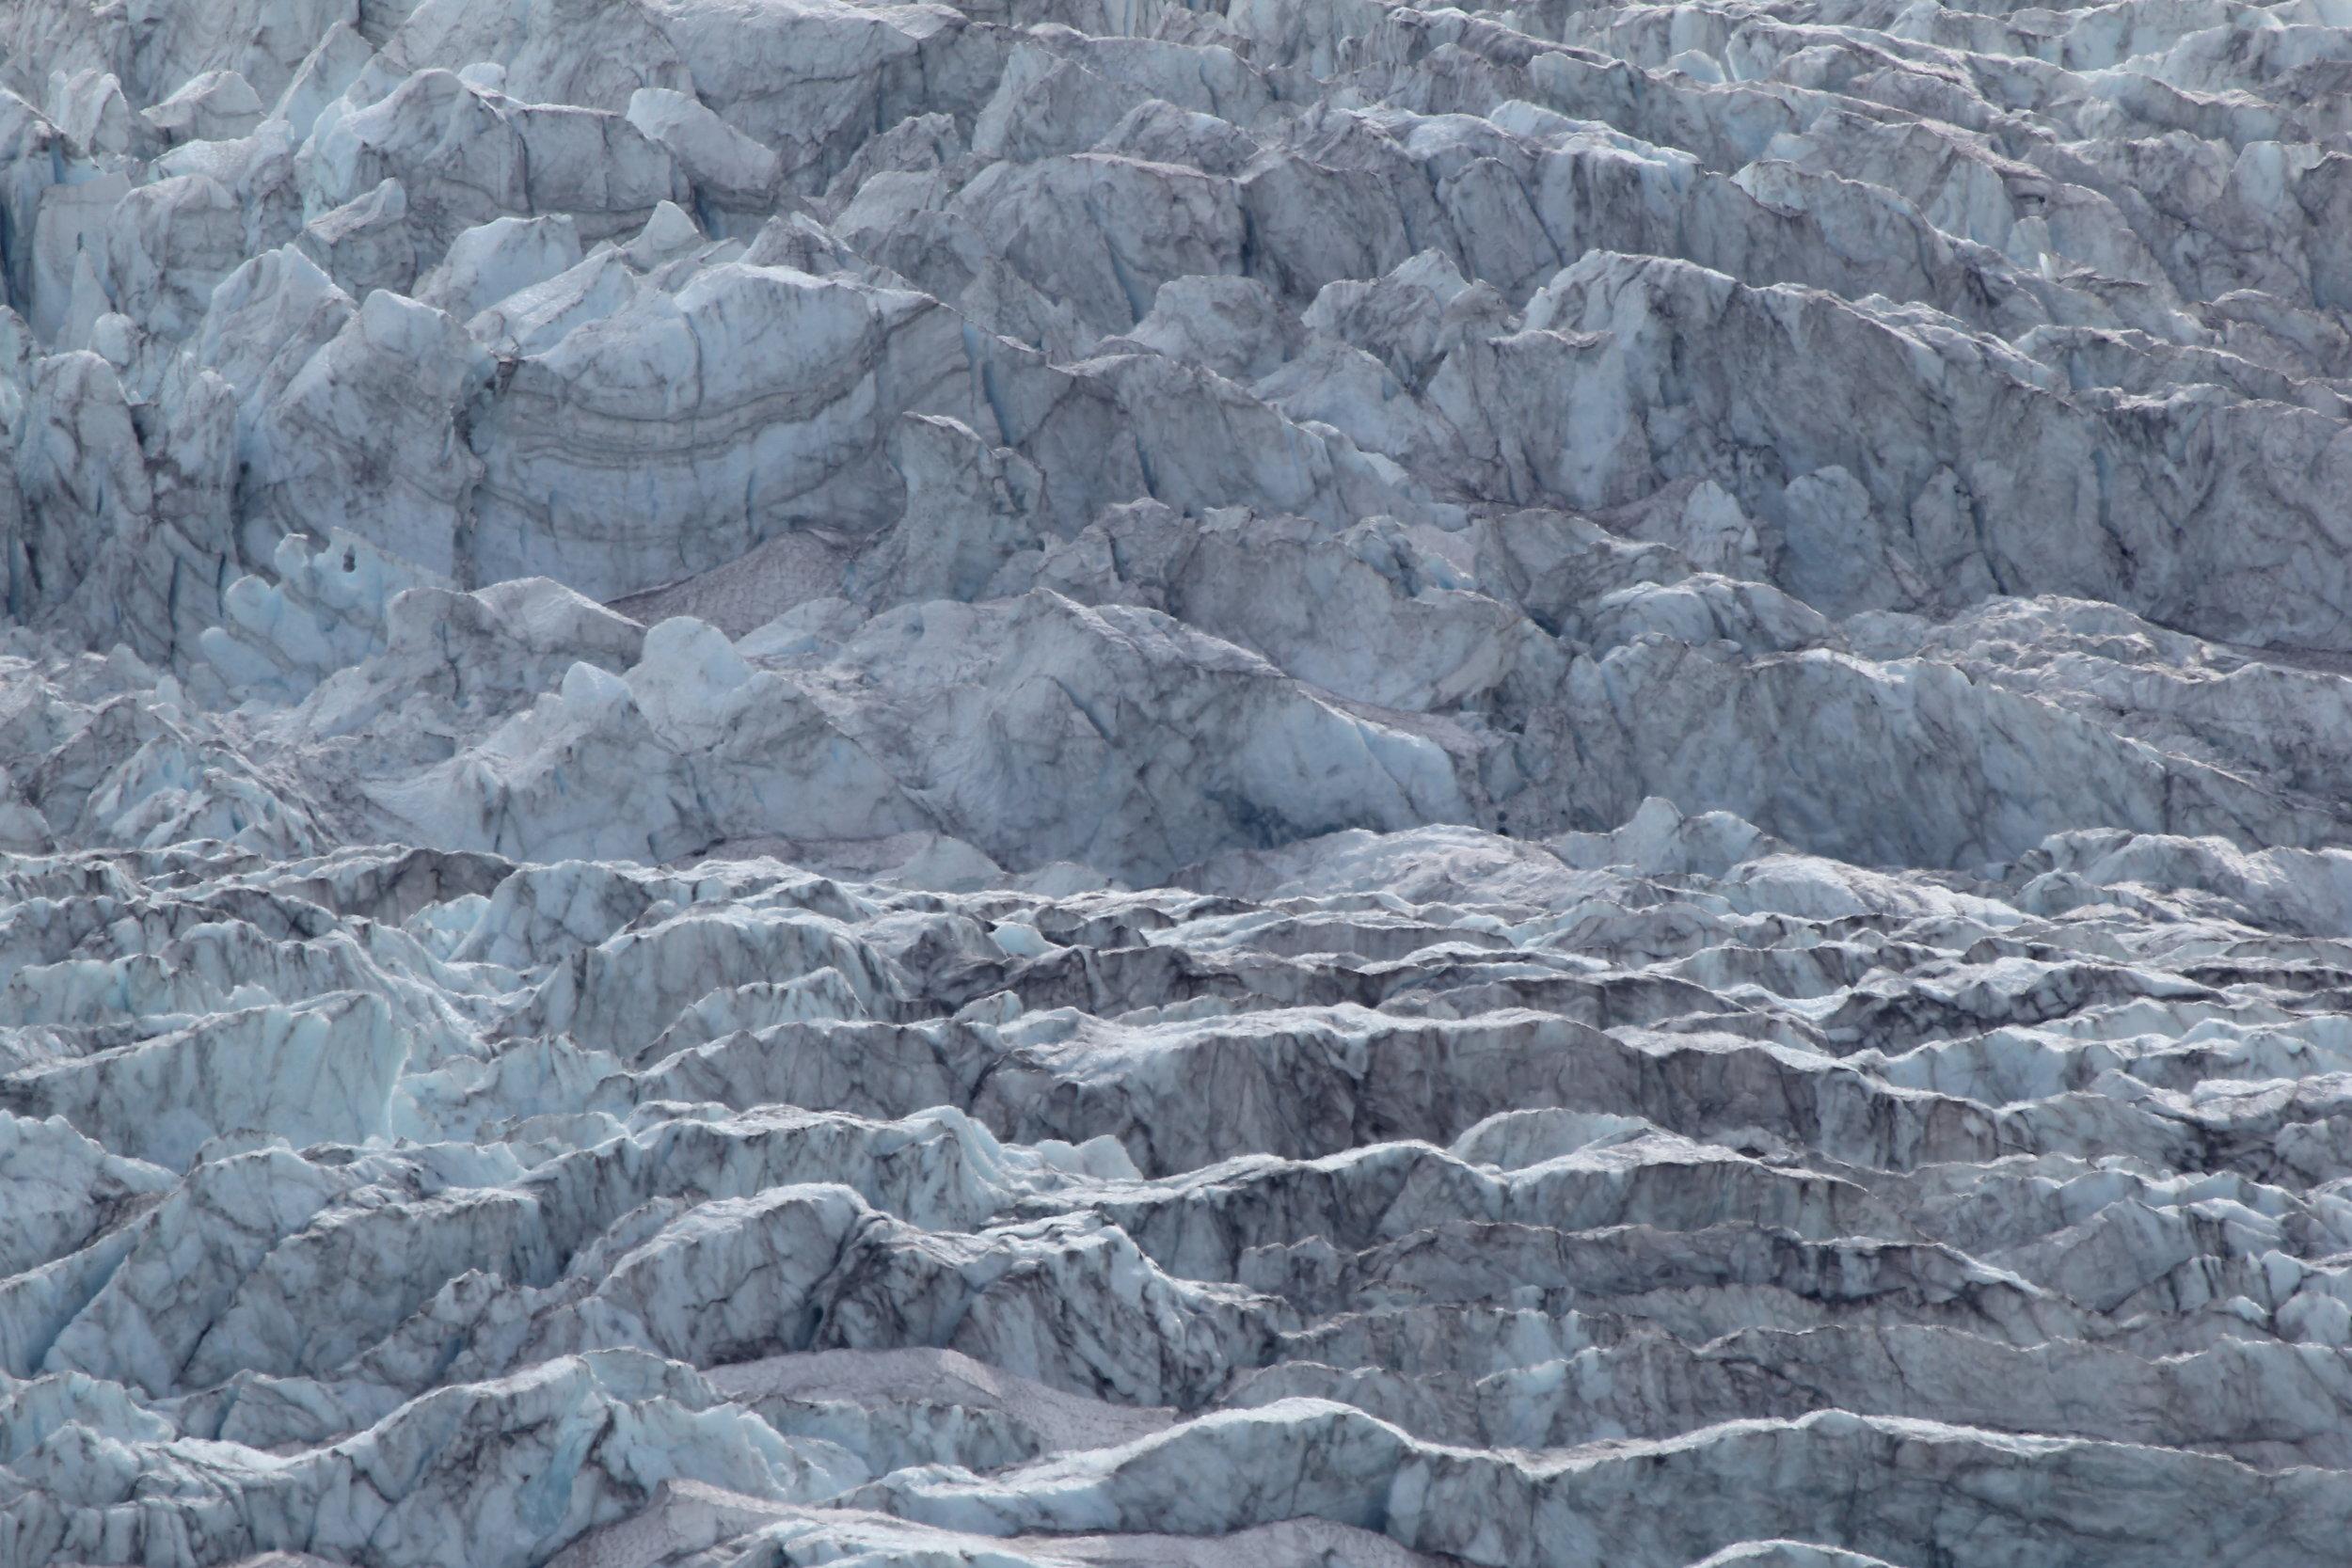 Candian Glacier